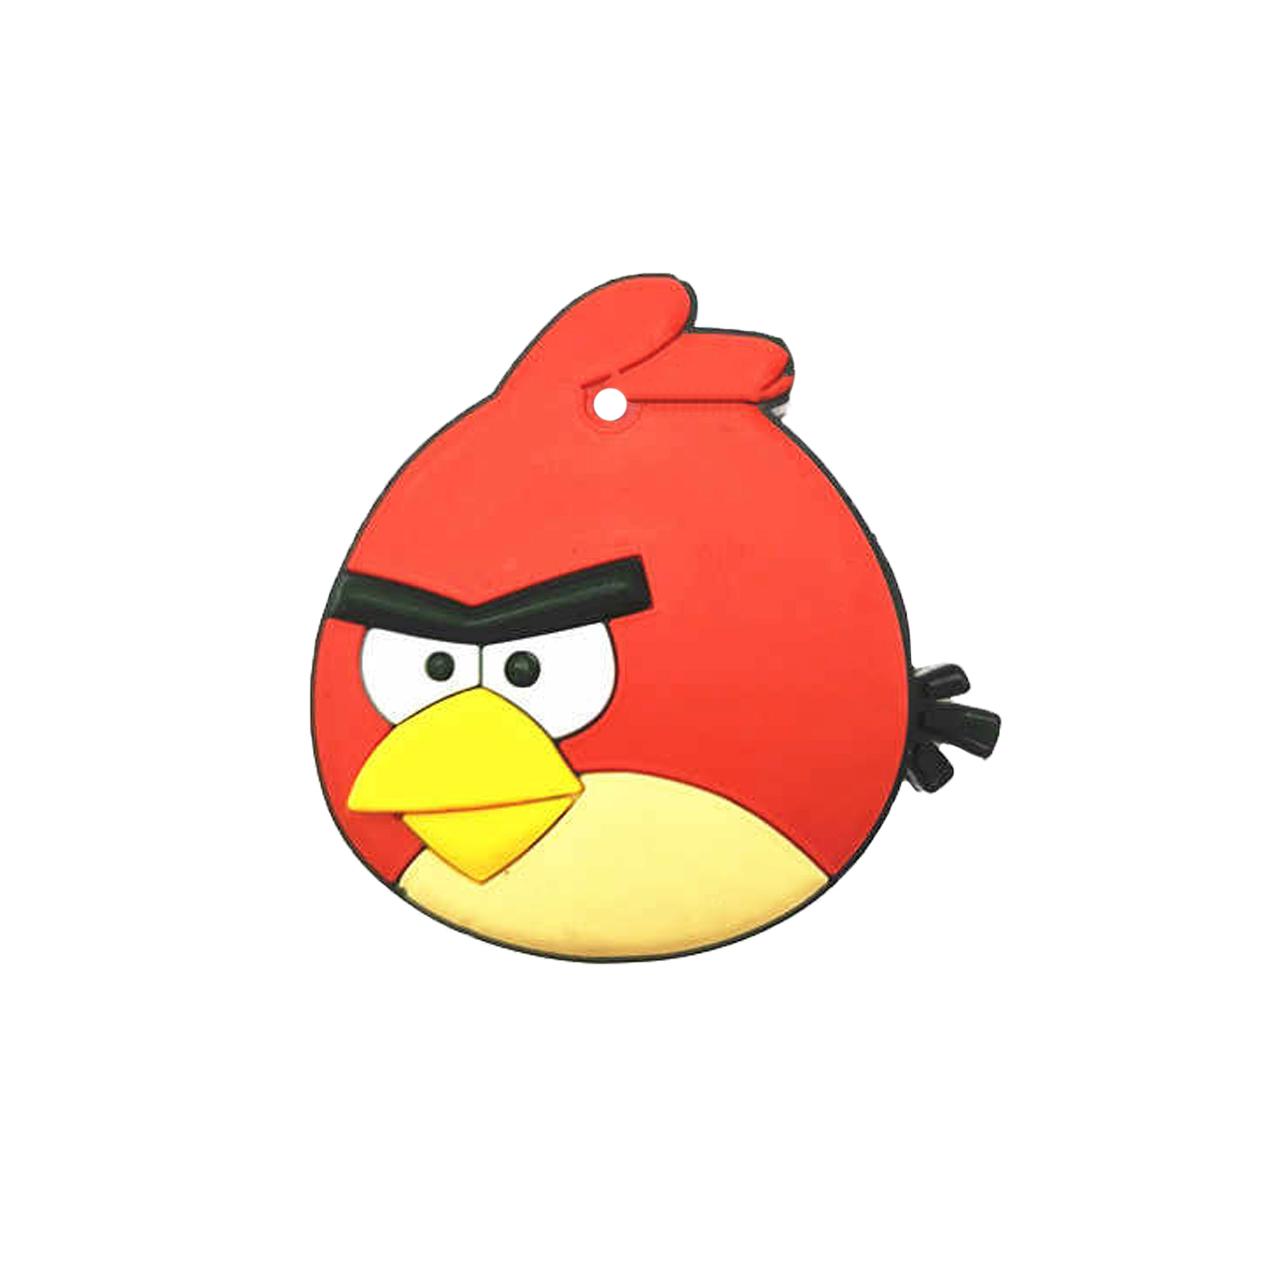 بررسی و {خرید با تخفیف} فلش مموری طرح AngryBird مدل DAA1148-U3 ظرفیت 128 گیگابایت اصل